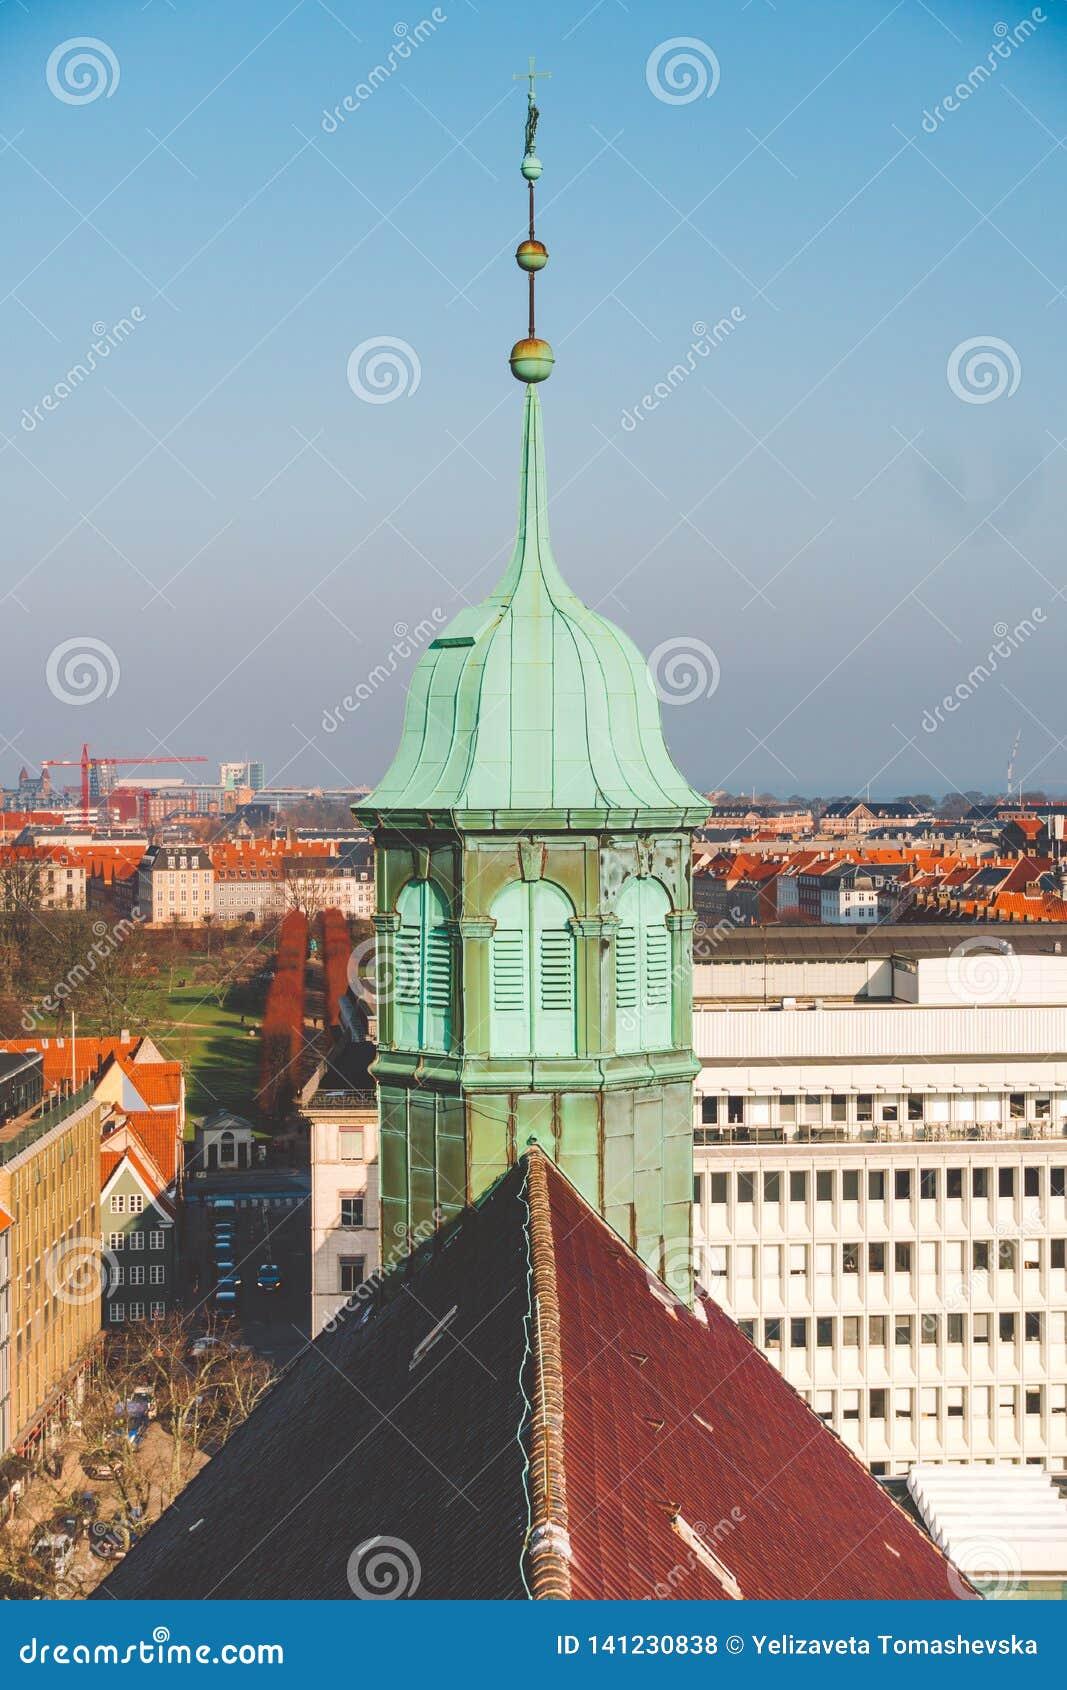 2019年2月18日 丹麦哥本哈根 E r